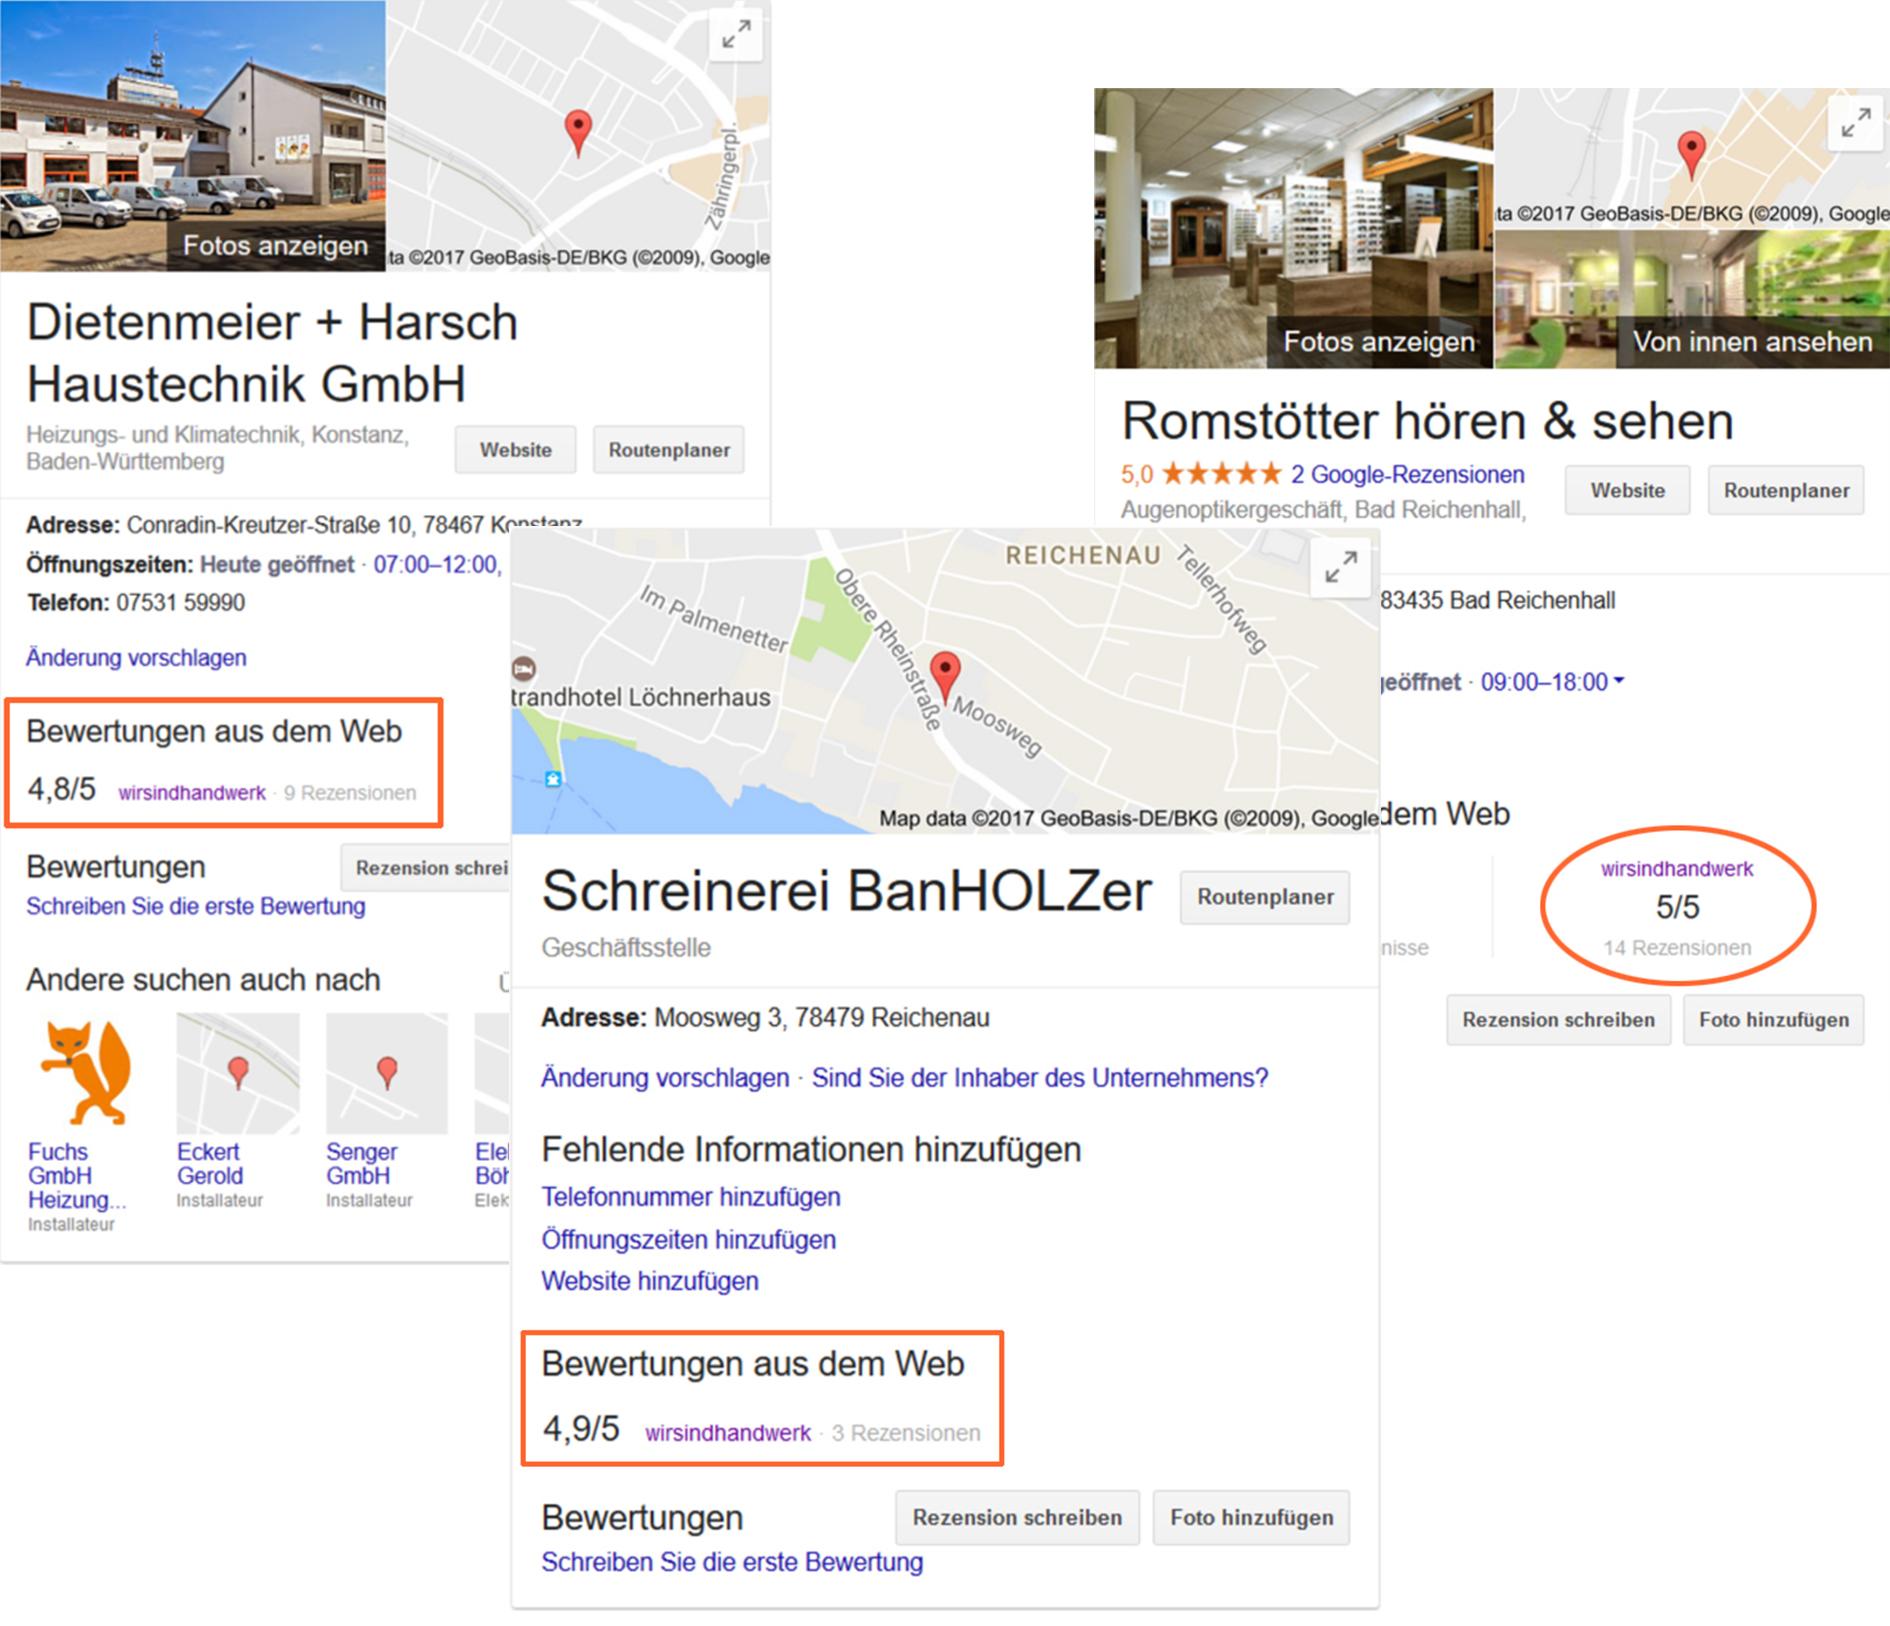 Google MyBusiness Card, Bewertungen, Unternehmensprofil